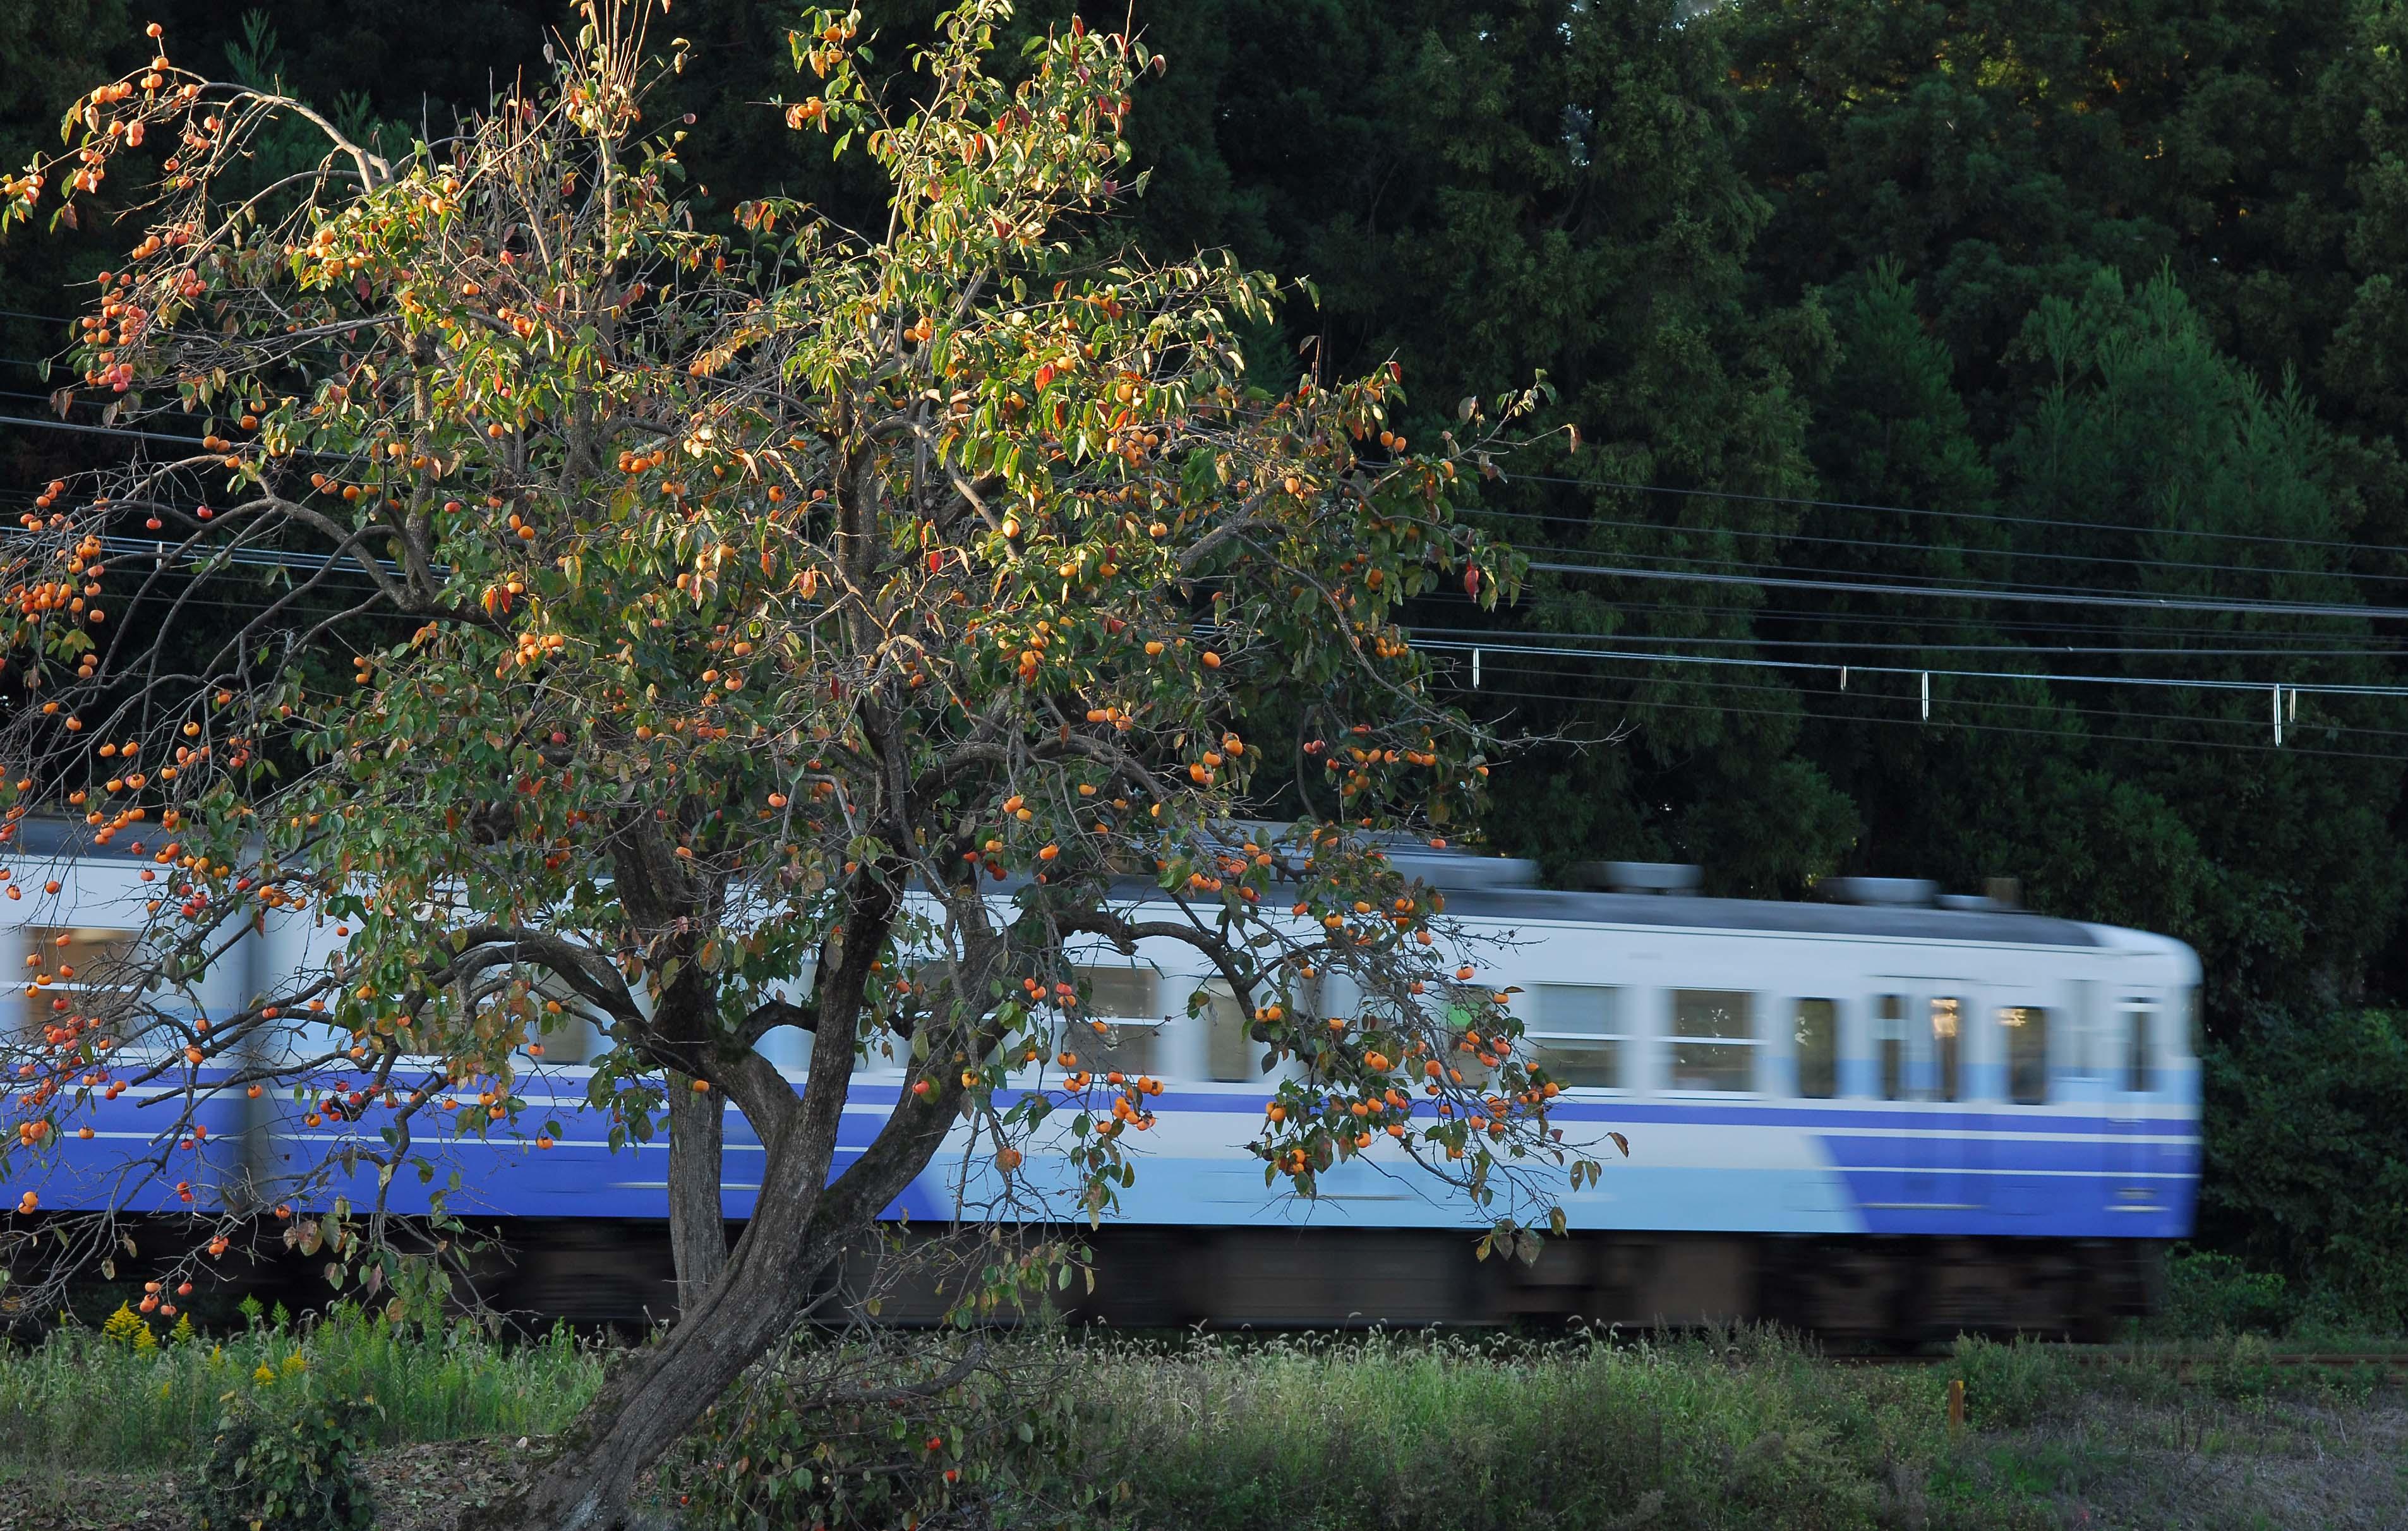 2009 10 12__2_2193_2.jpg